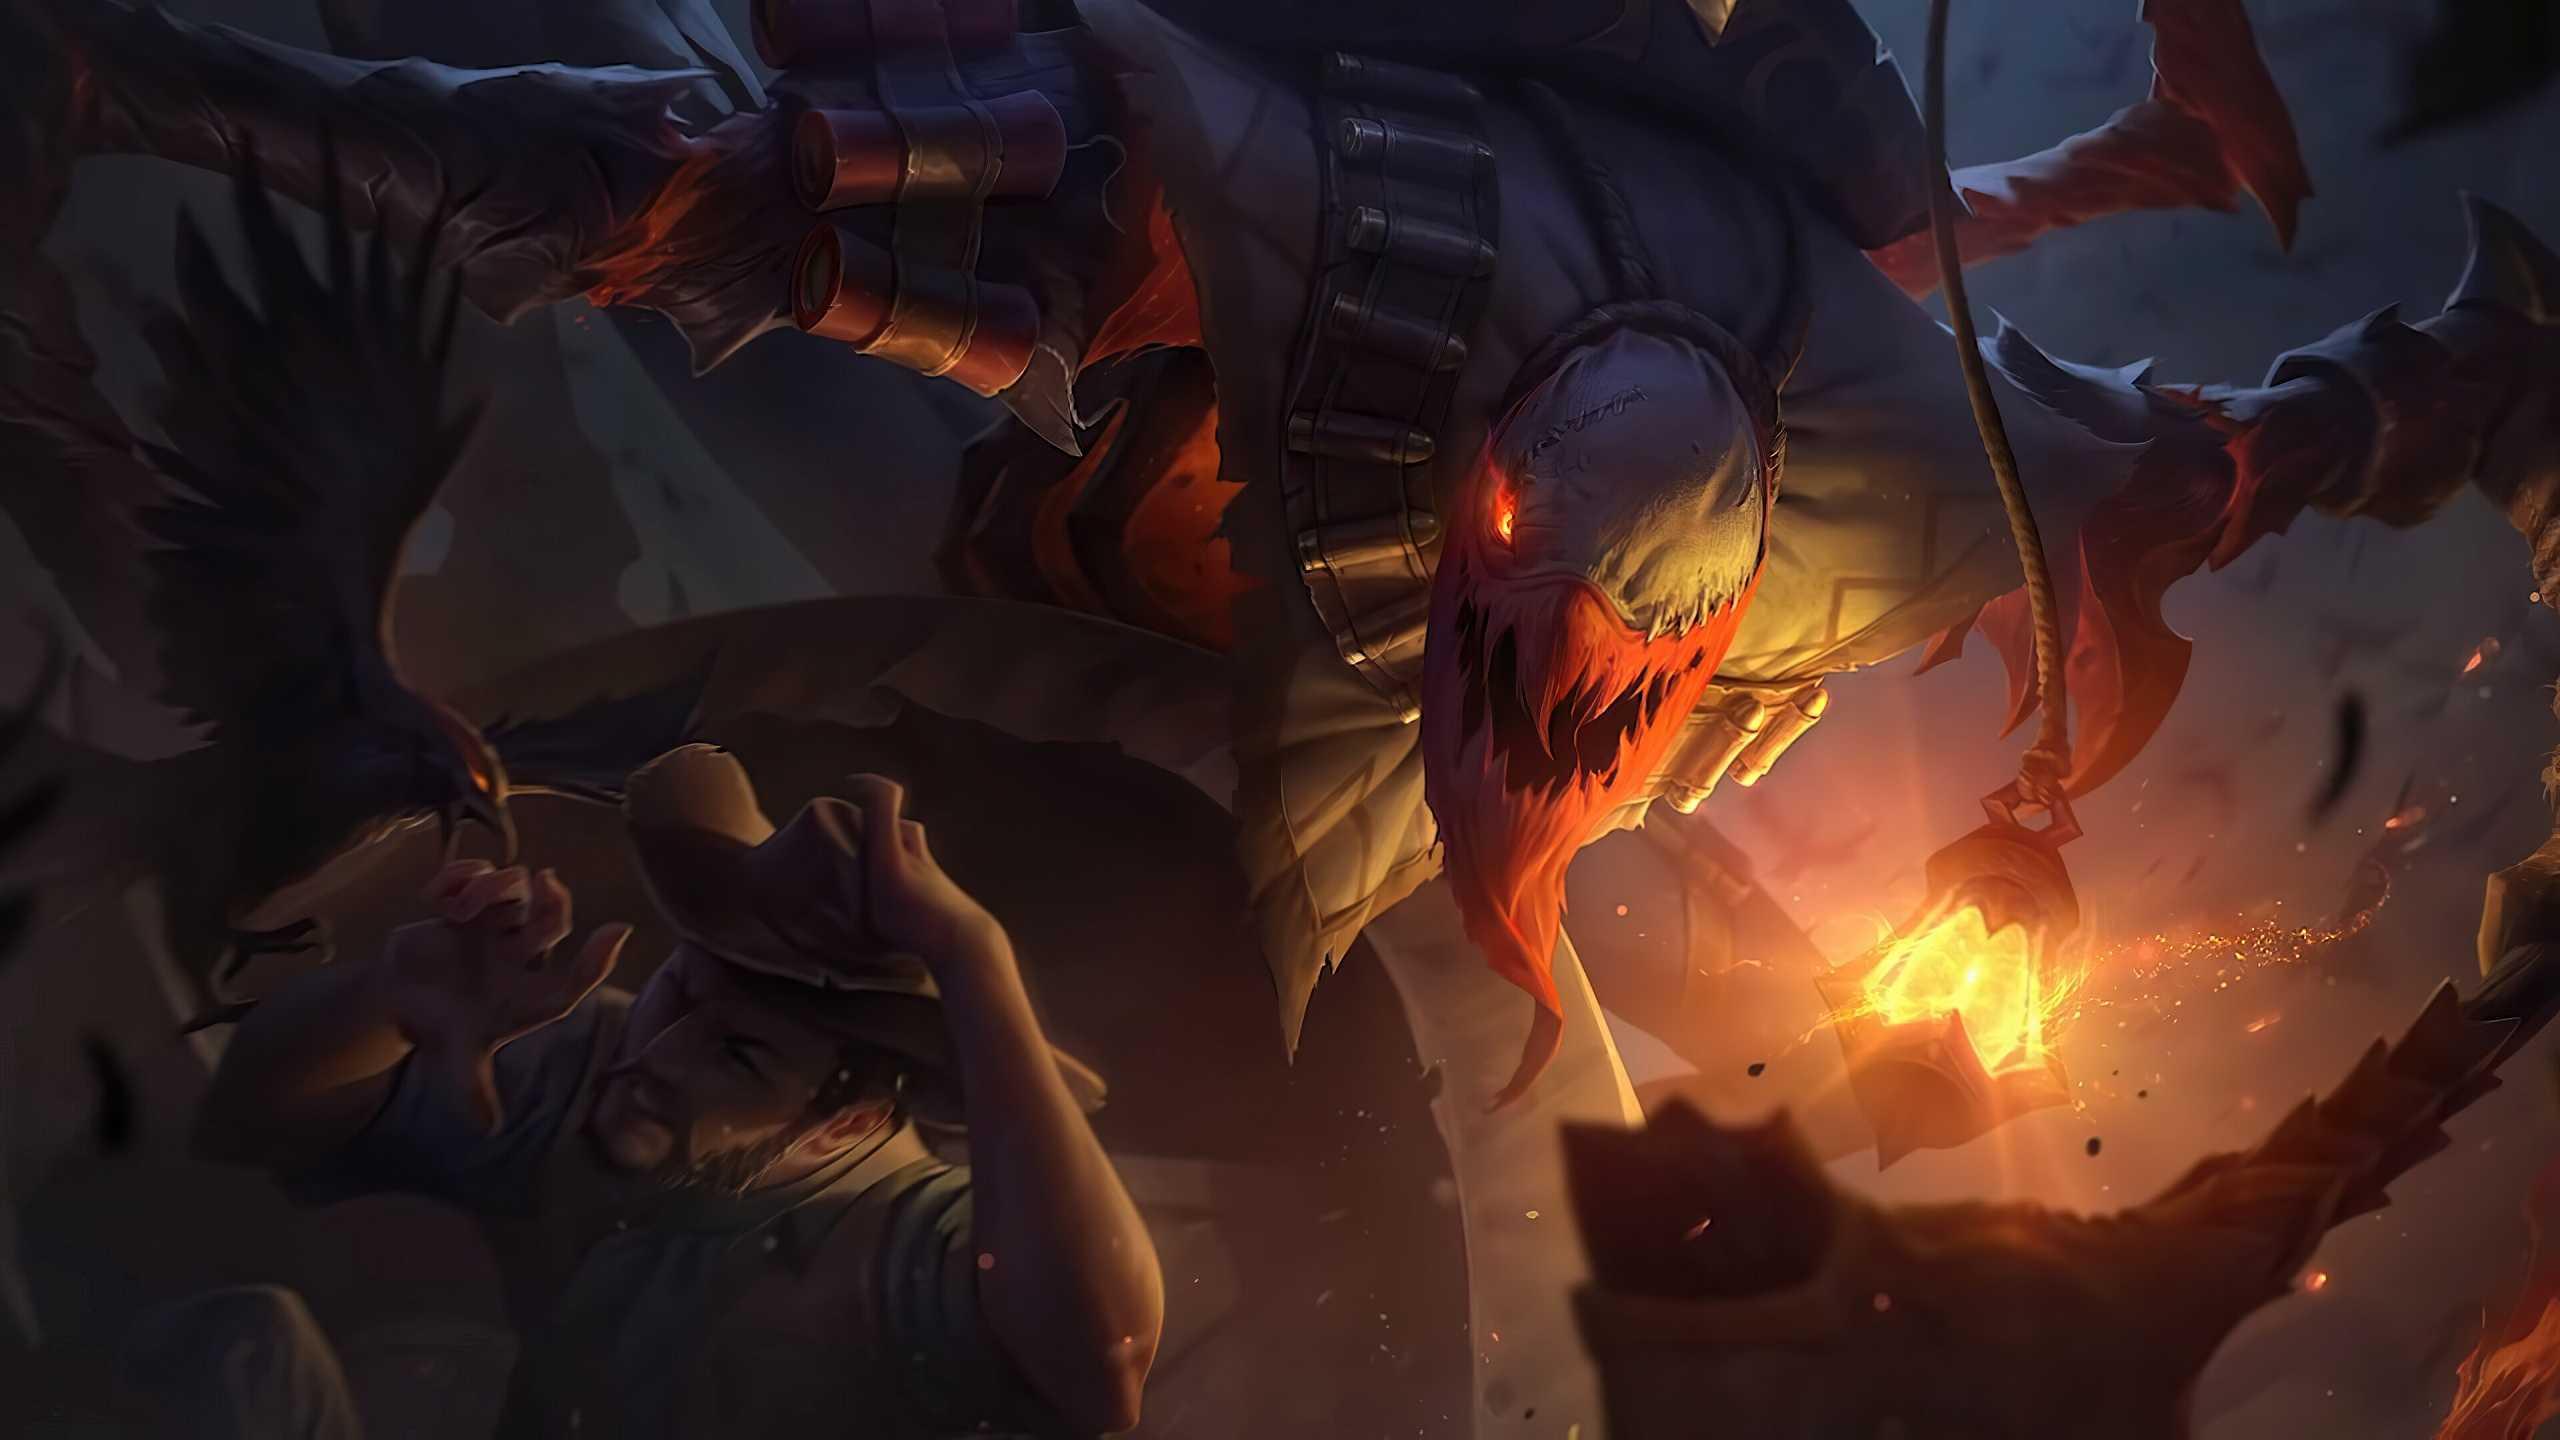 League Of Legends Hd Wallpaper Fiddlesticks